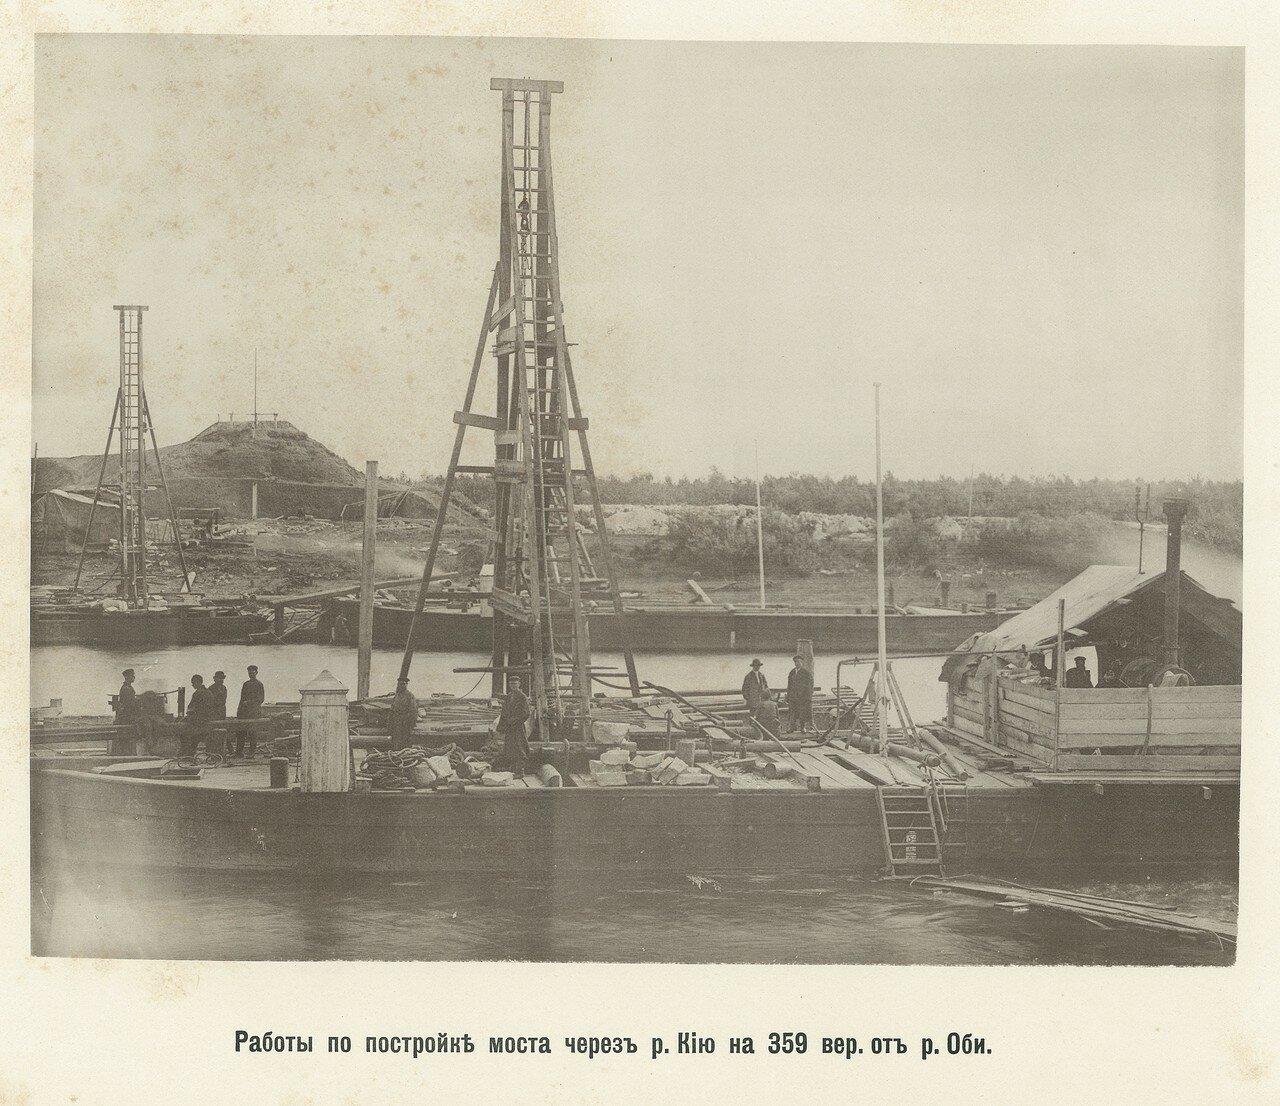 09. Работа по постройке моста через р. Кию на 359 вер. от р. Оби